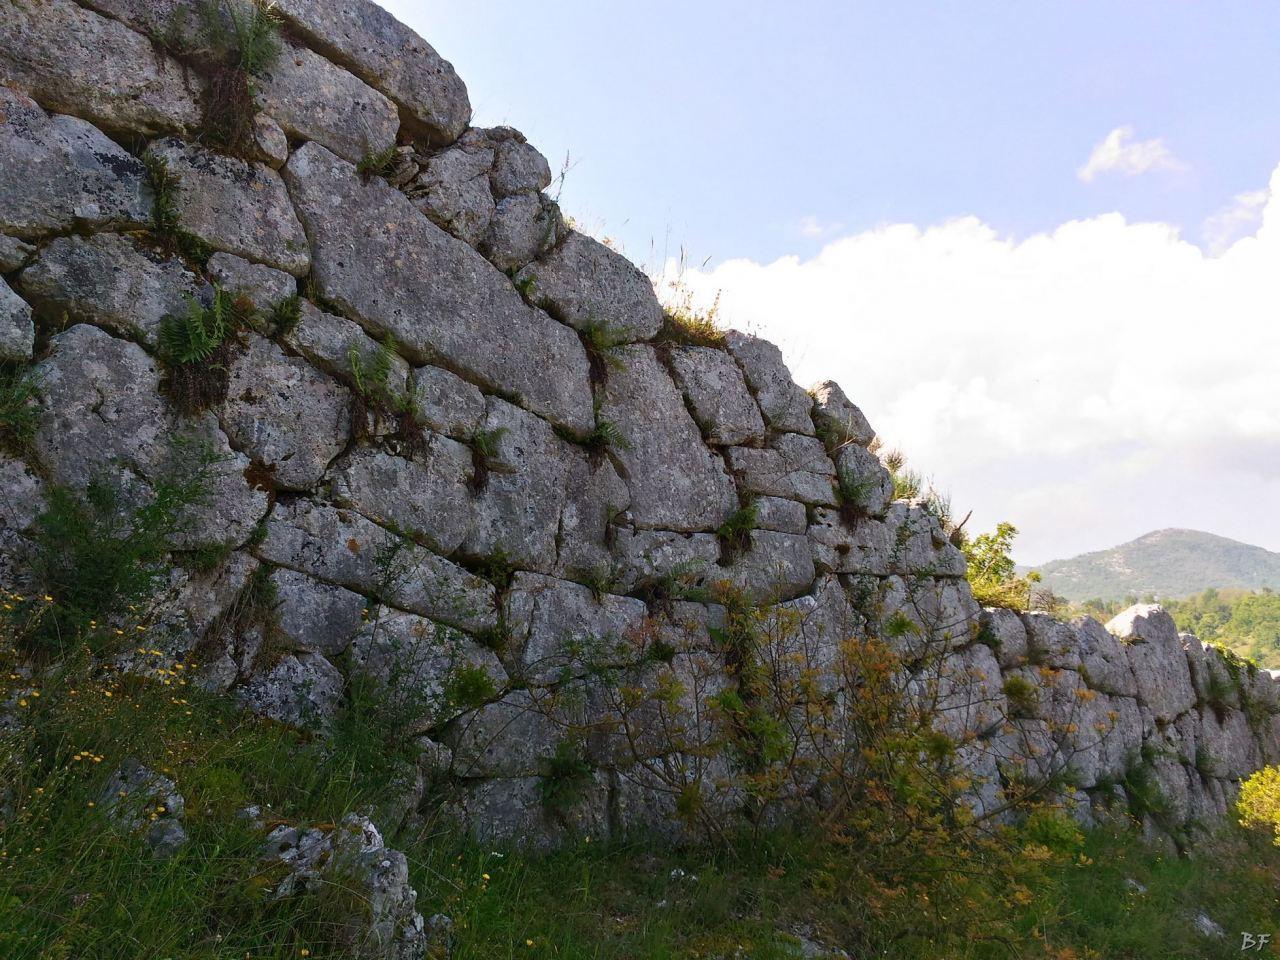 Signia-Mura-Poligonali-Megalitiche-Segni-Roma-Lazio-Italia-12